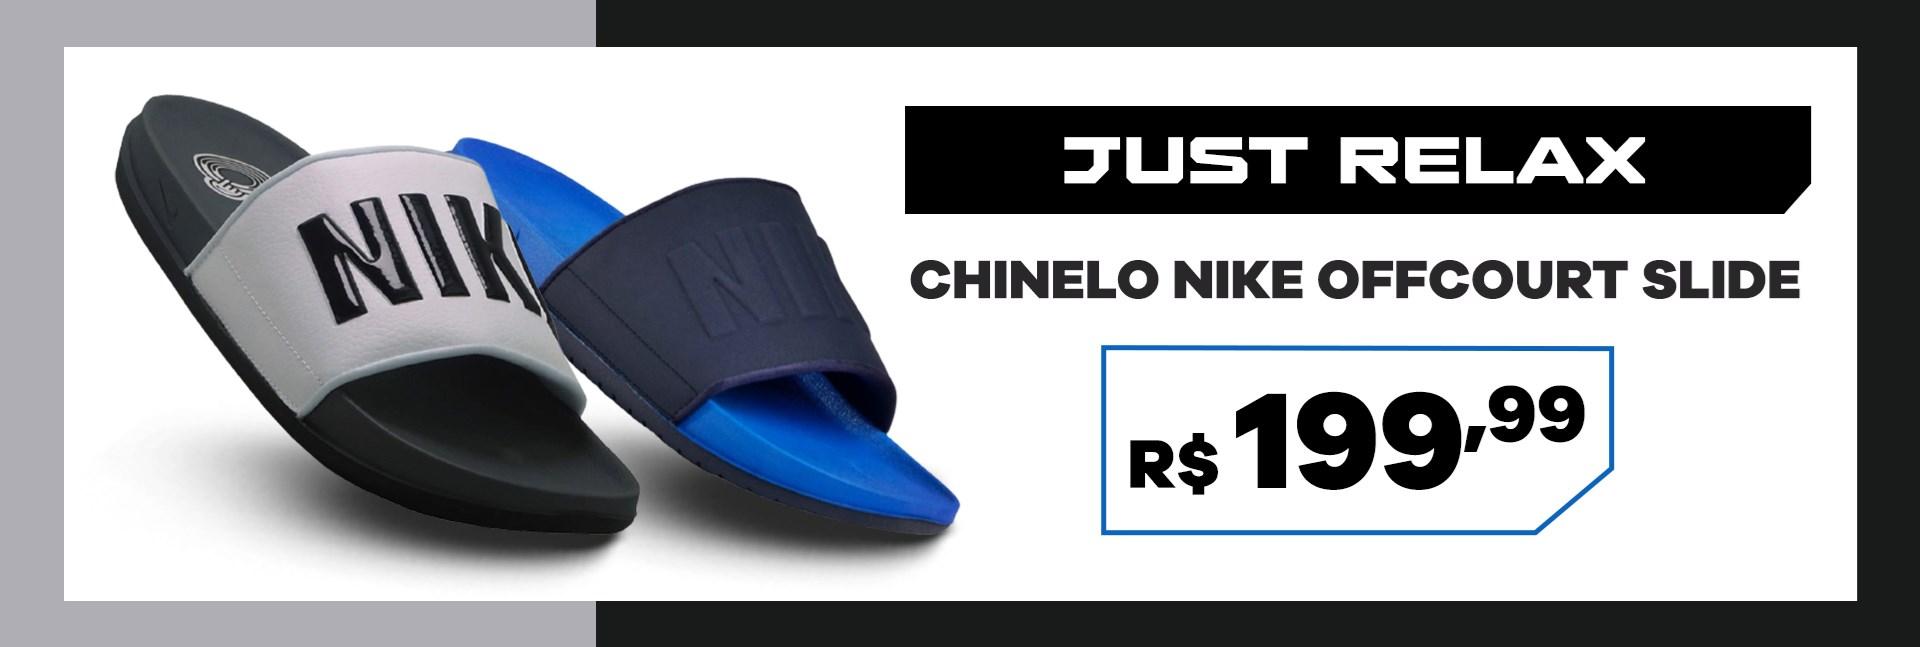 Chinelo Nike Offcourt Slide